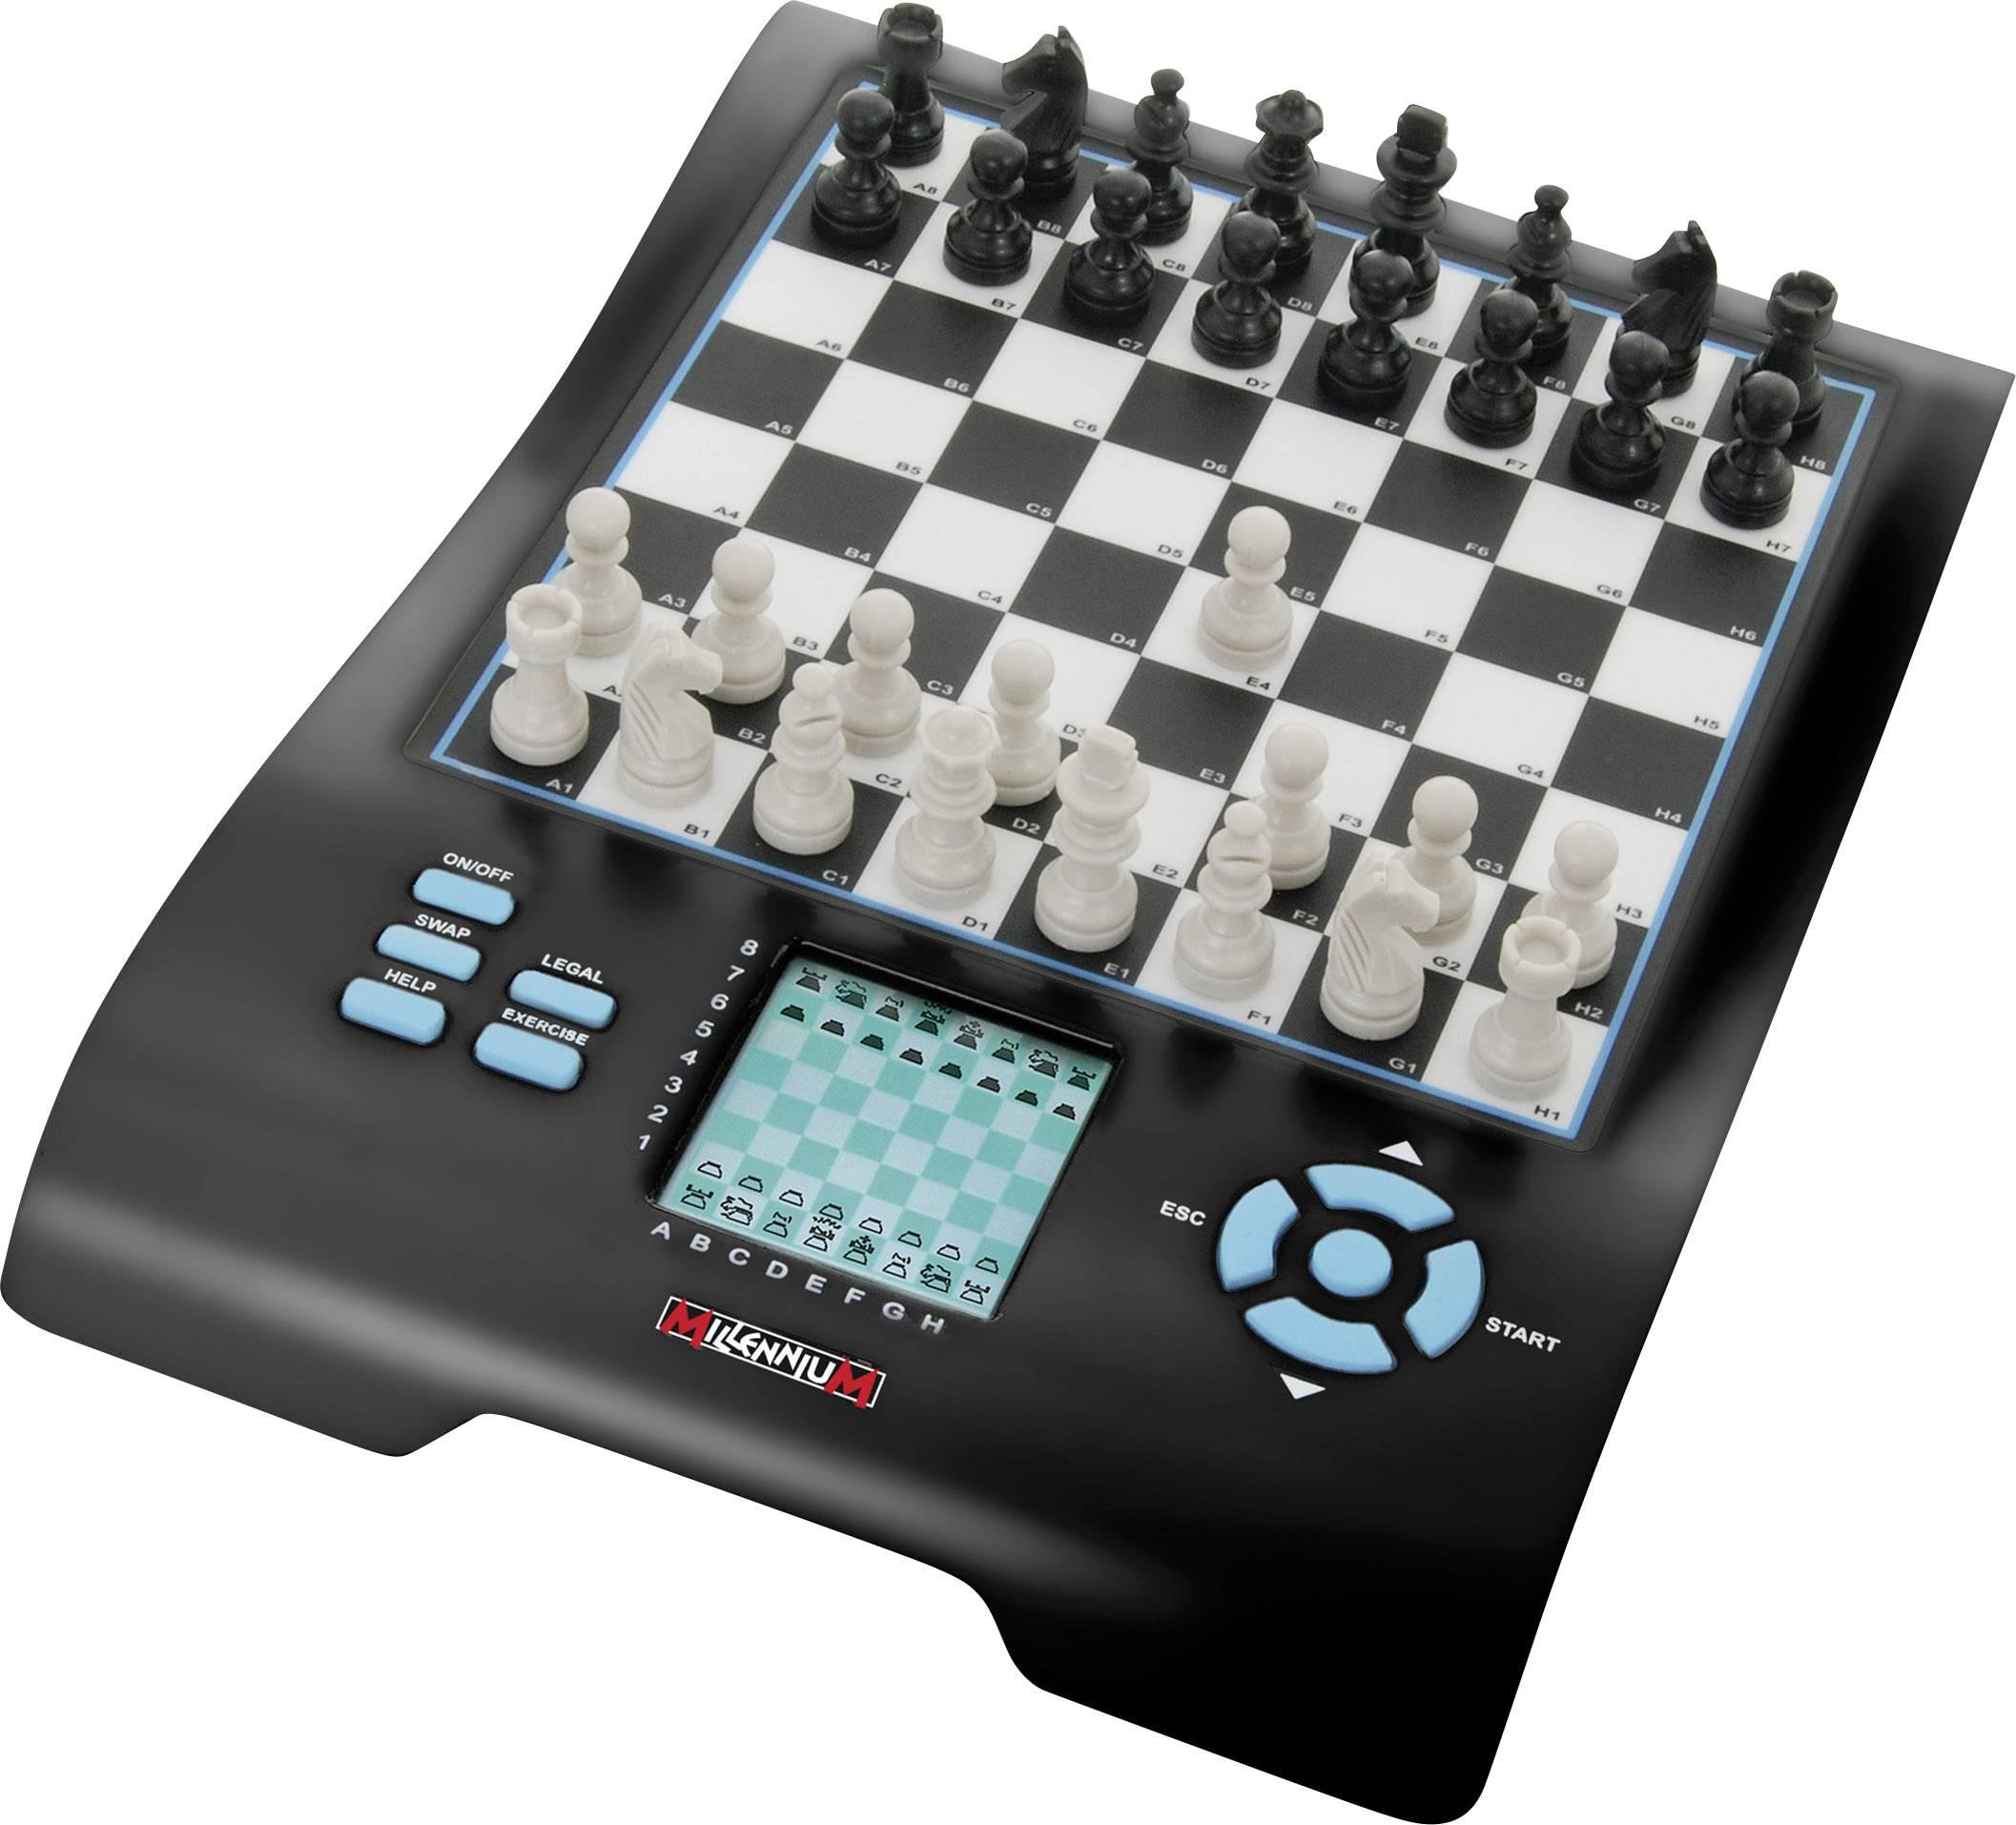 Šachový počítač Millennium Europe Chess Champion M800